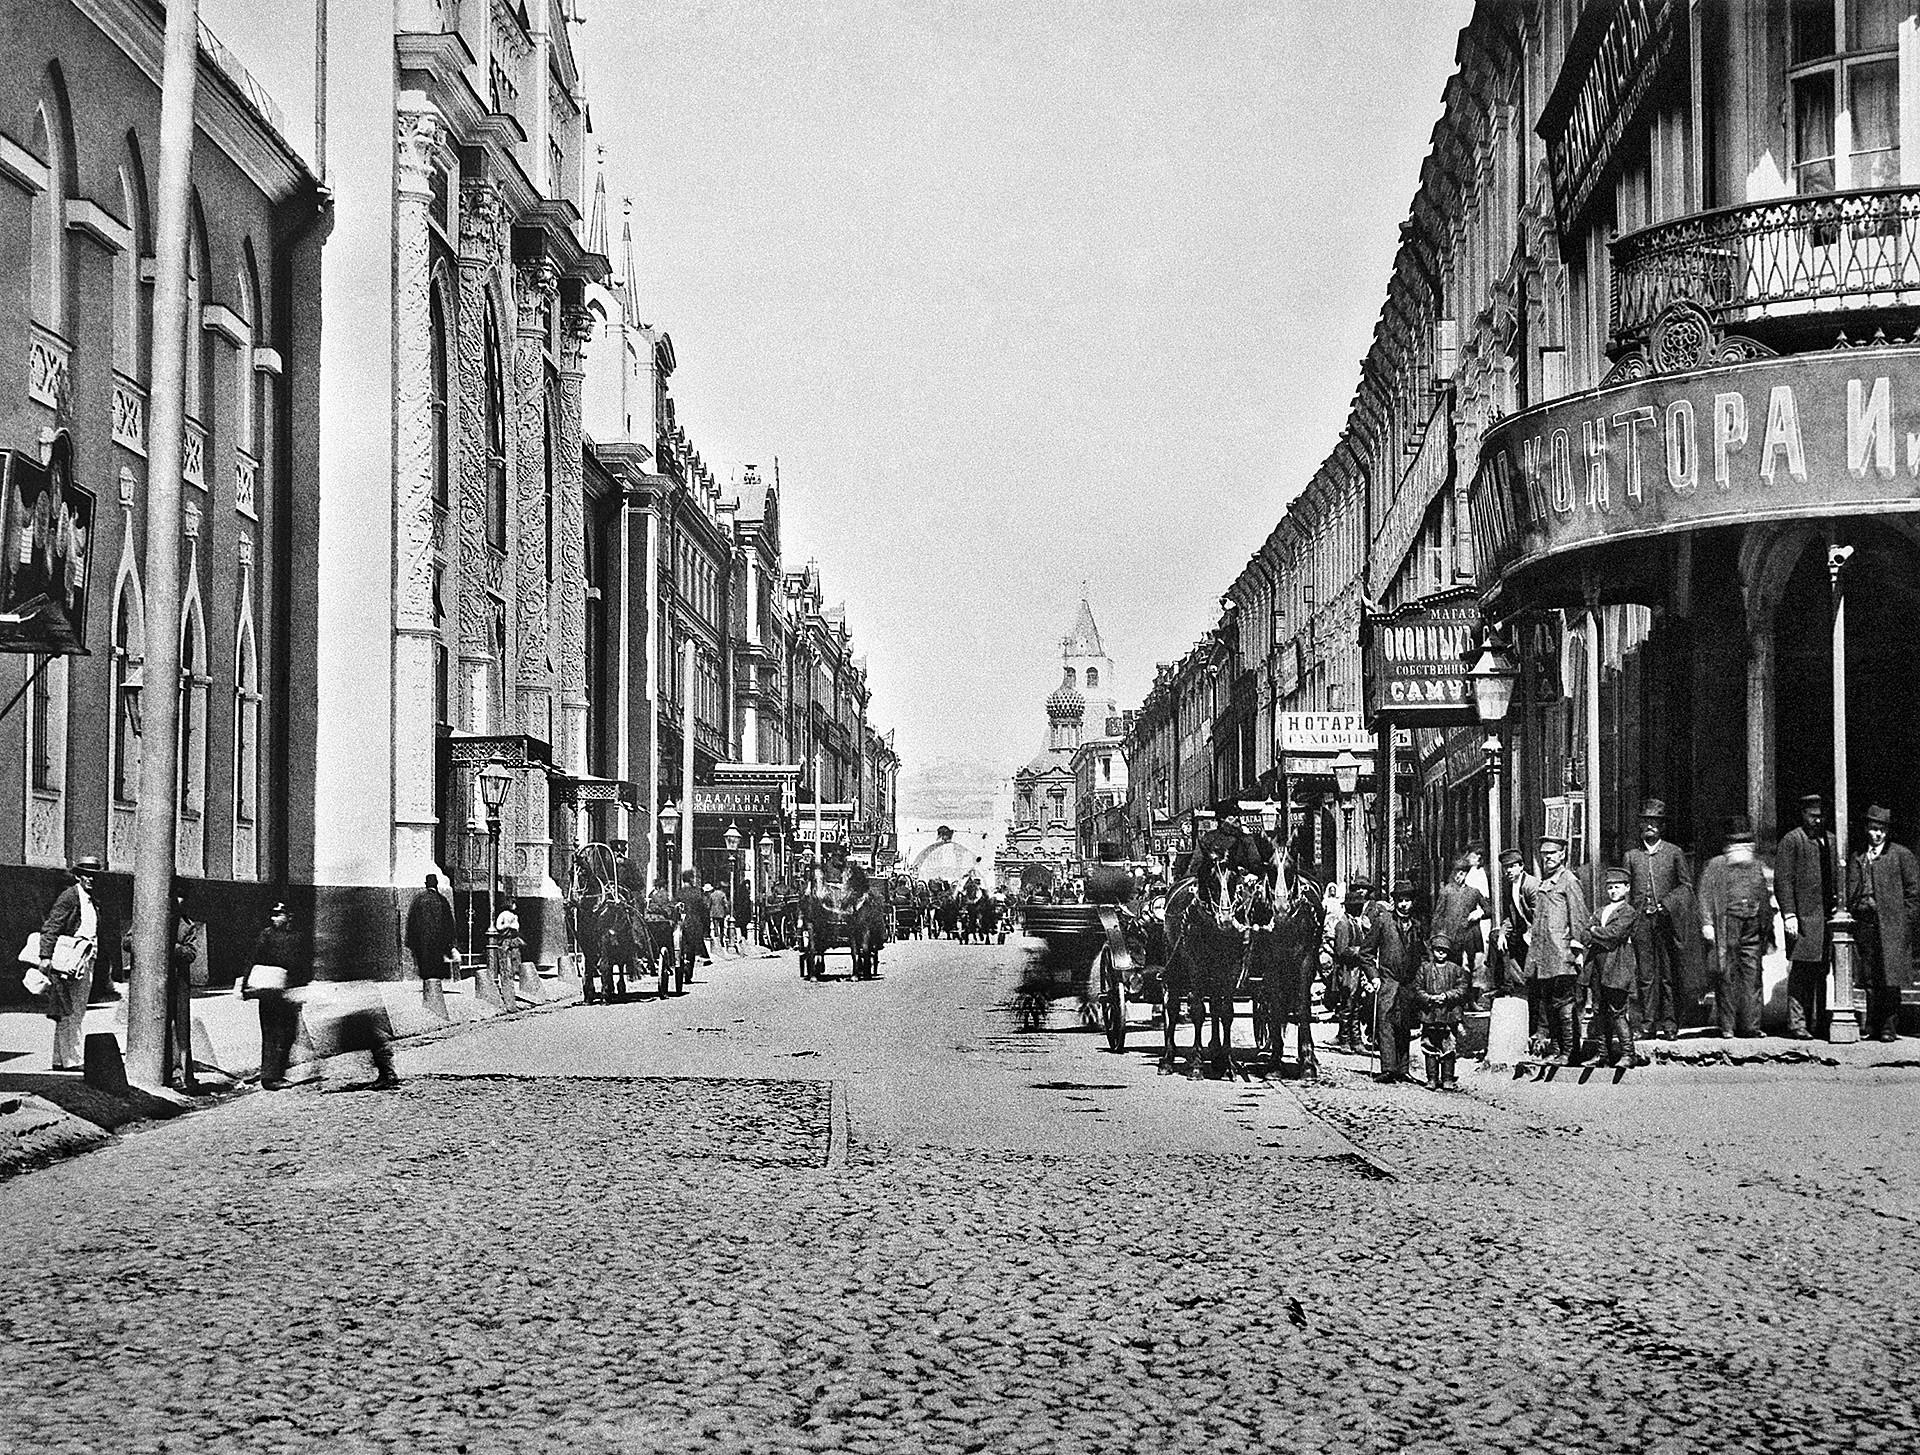 ニコリスカヤ通り、1886年。